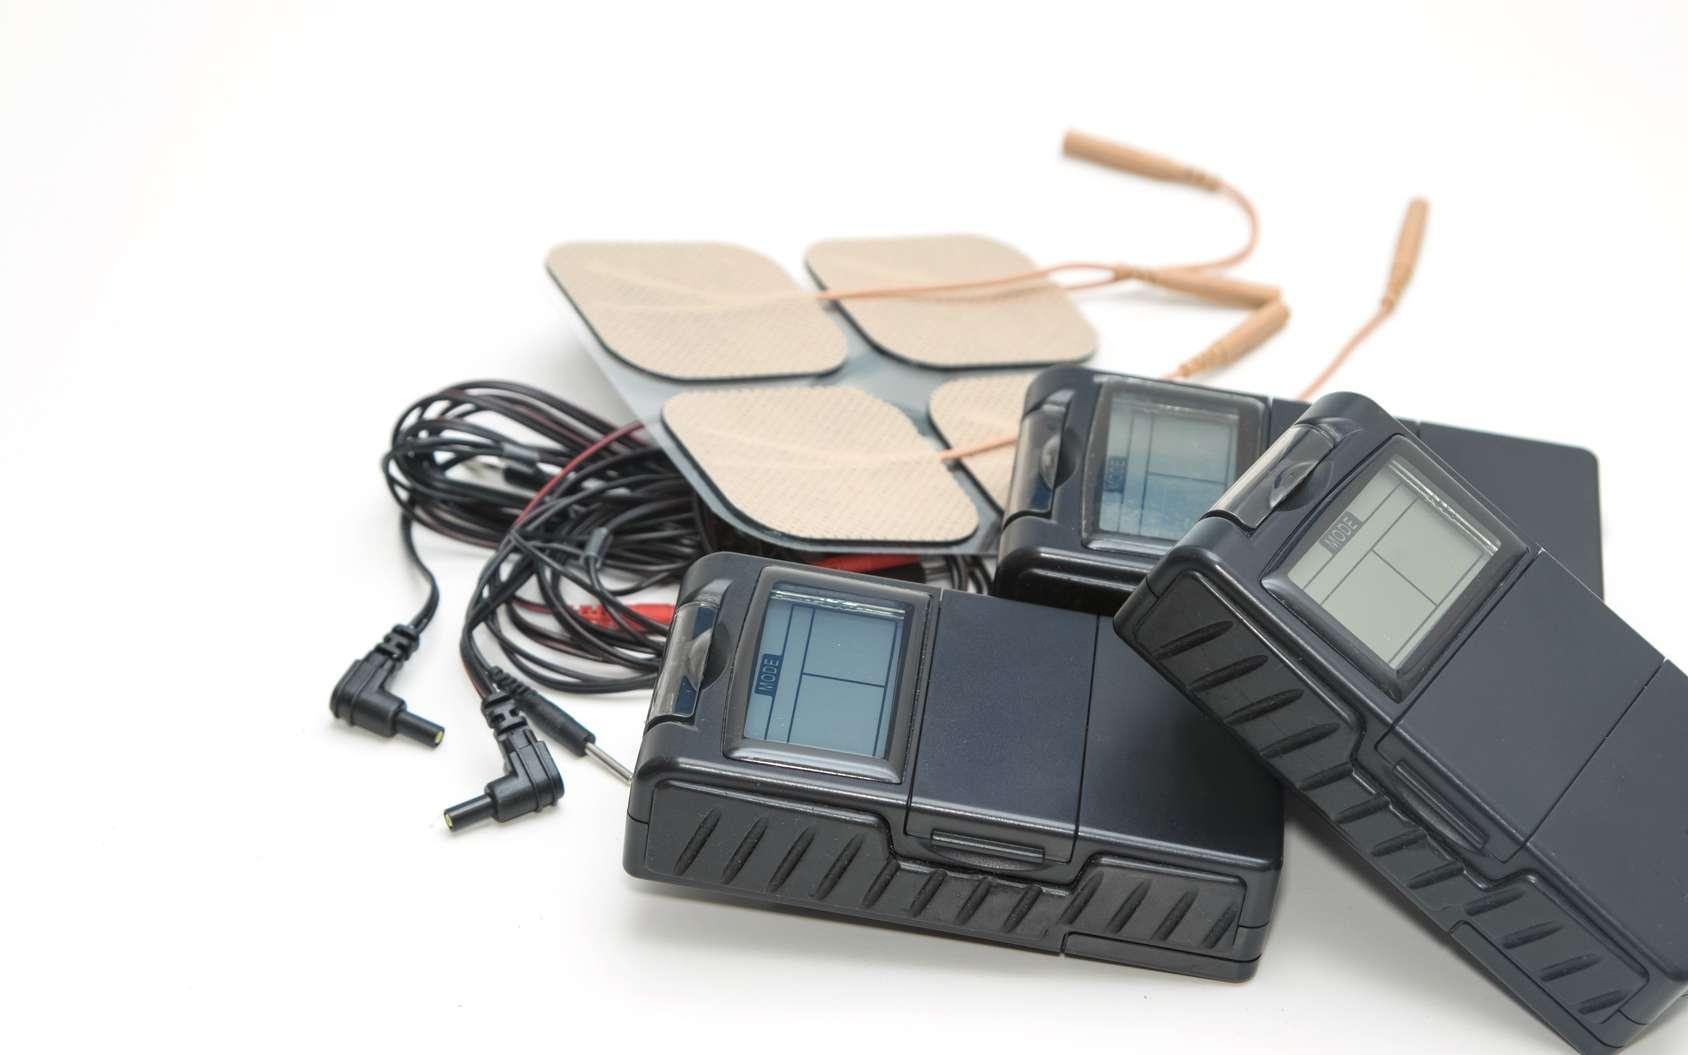 L'appareil comprend un boîtier, des câbles et des électrodes. © praisaeng, Fotolia